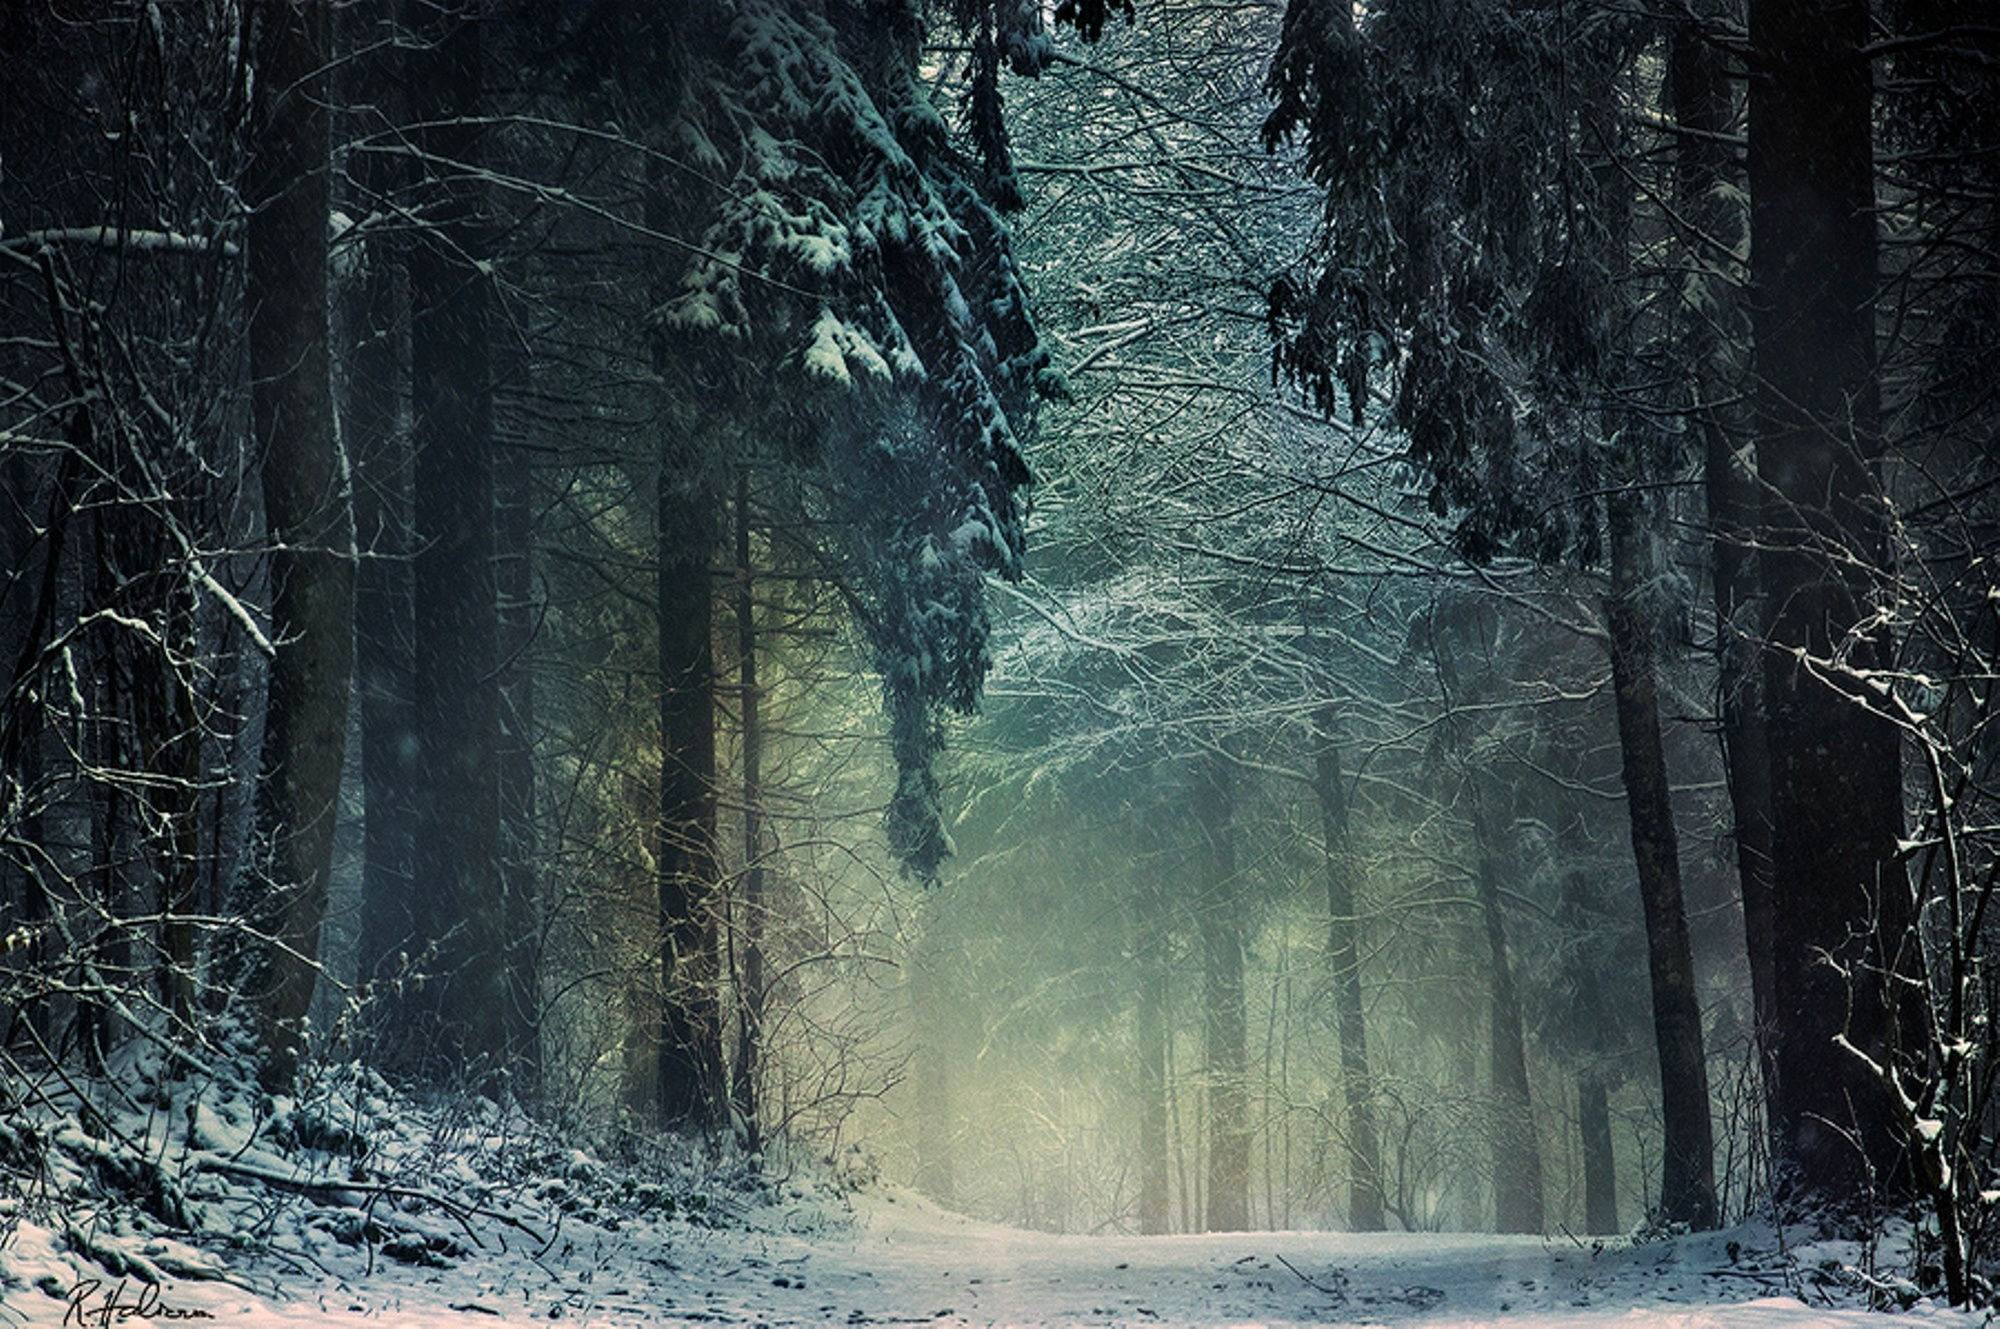 проявляется таинственная зима картинки нем